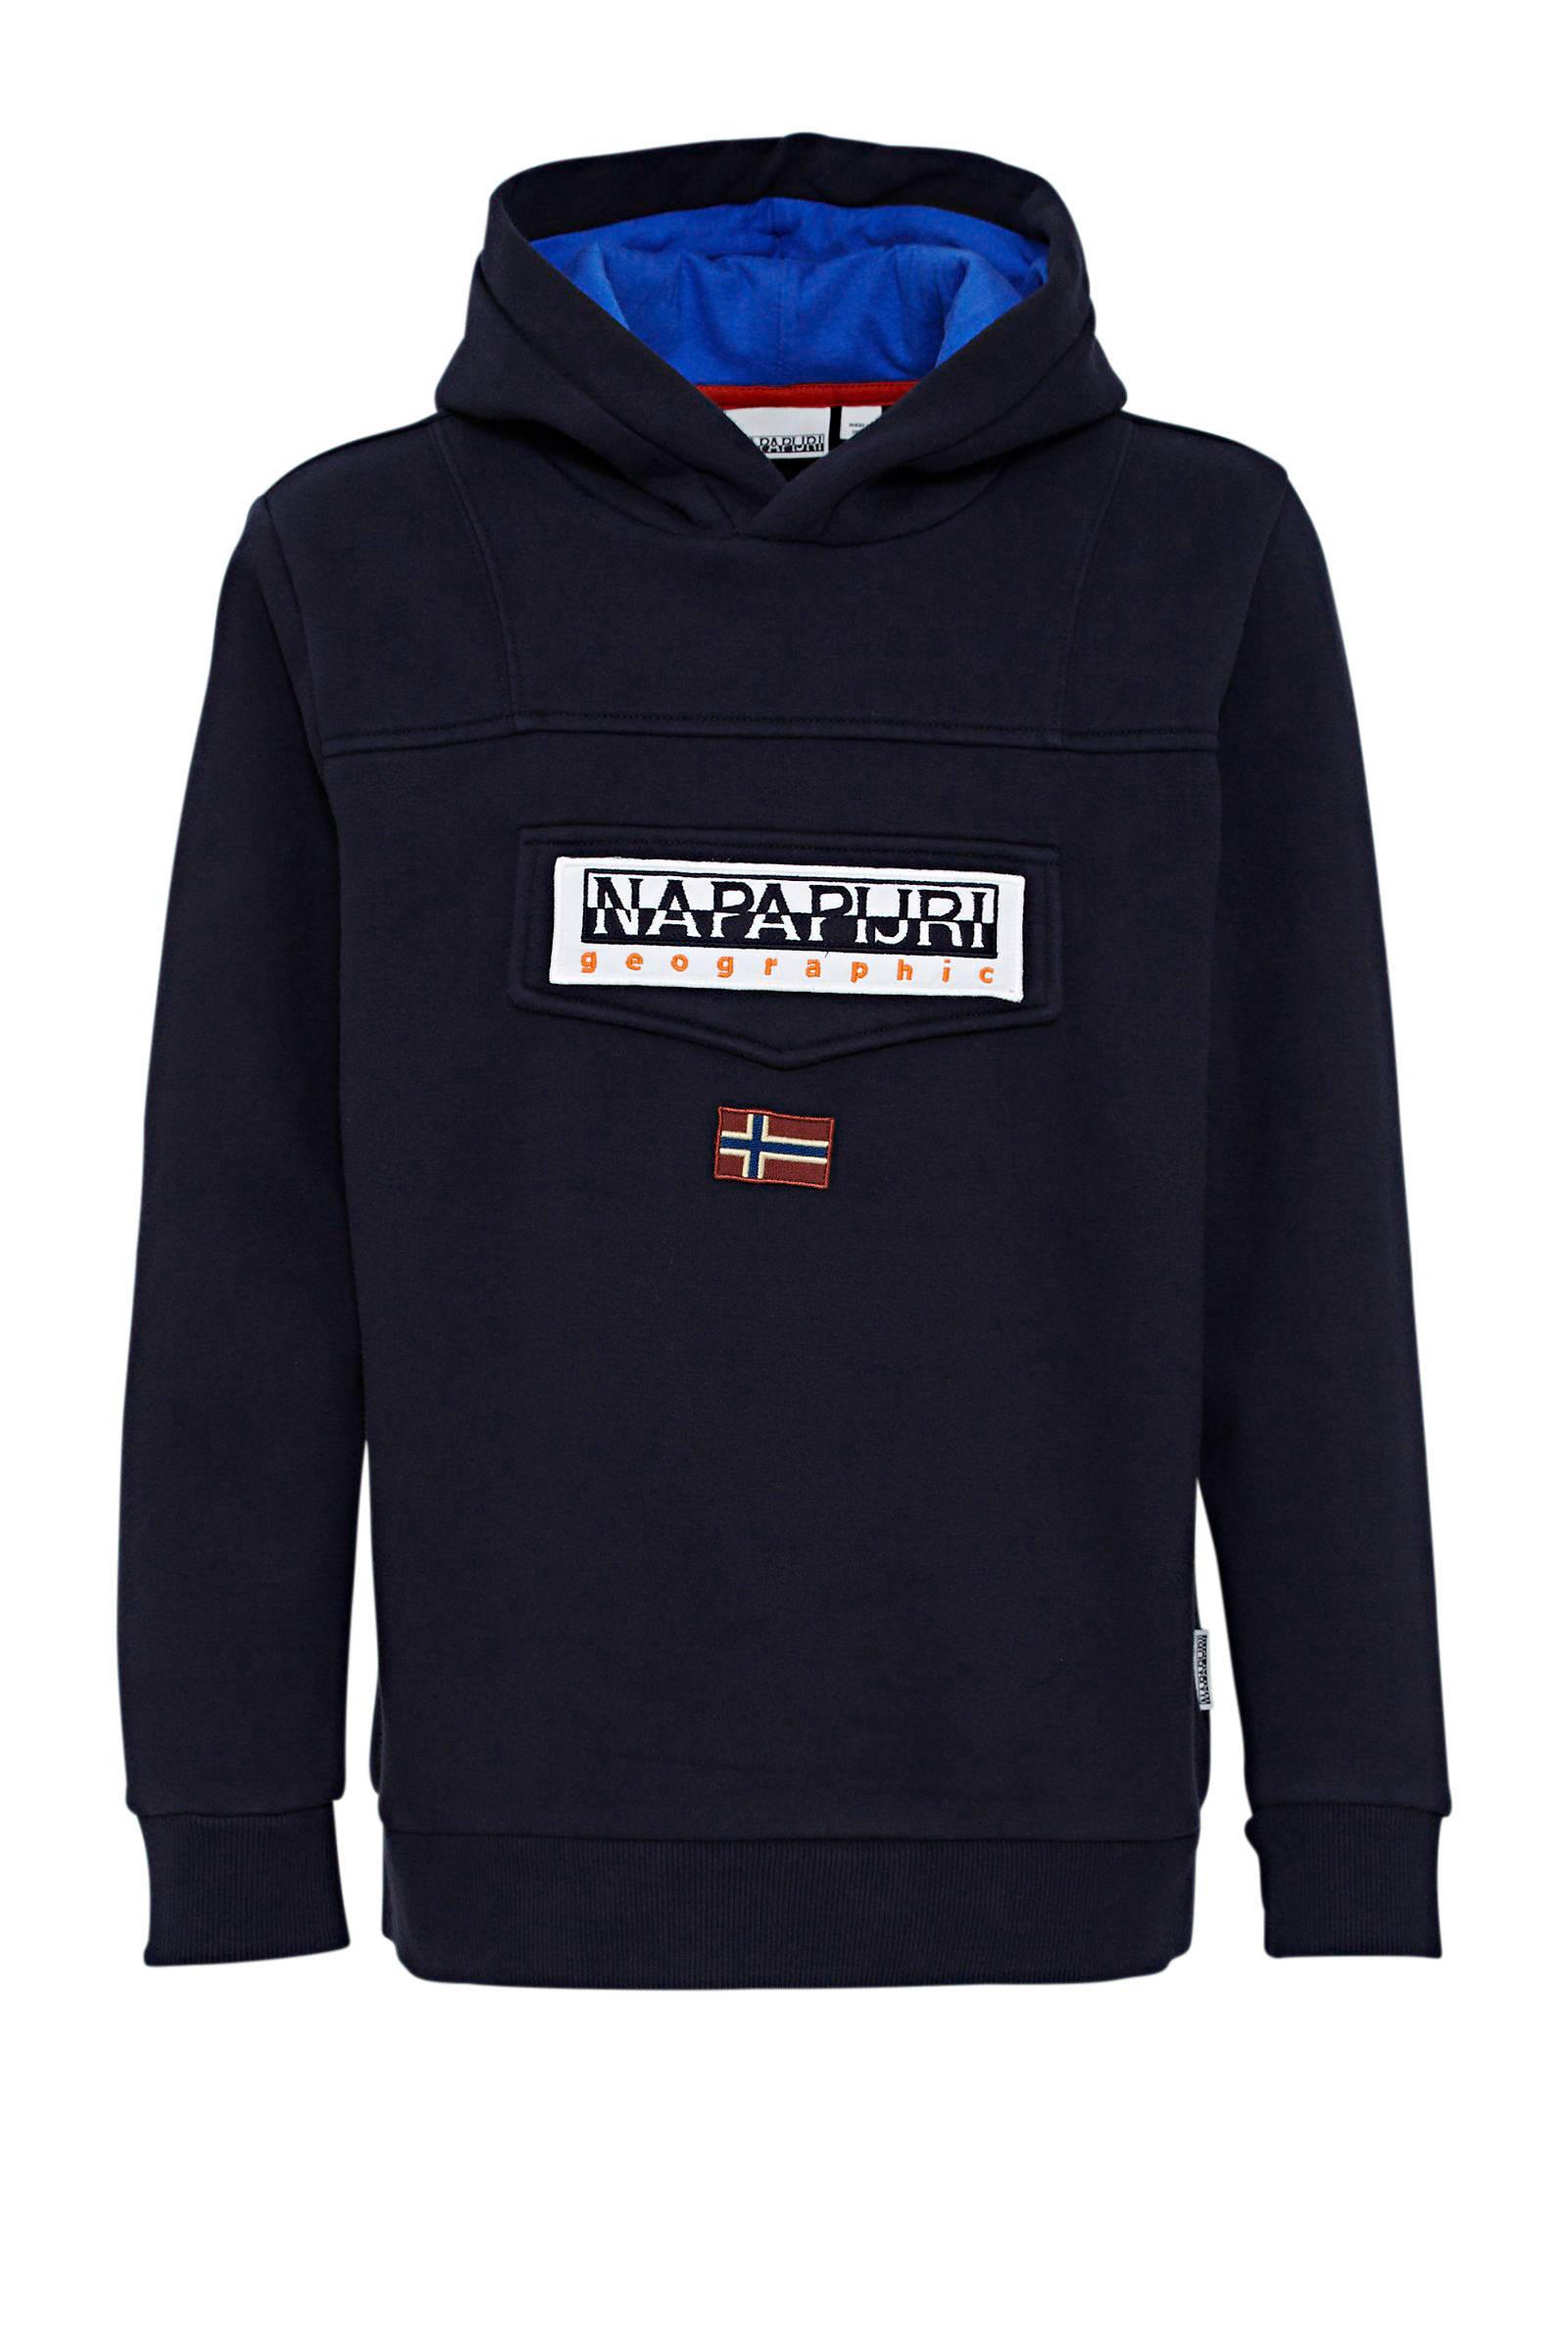 Napapijri hoodie Burgee met logo donkerblauw | wehkamp